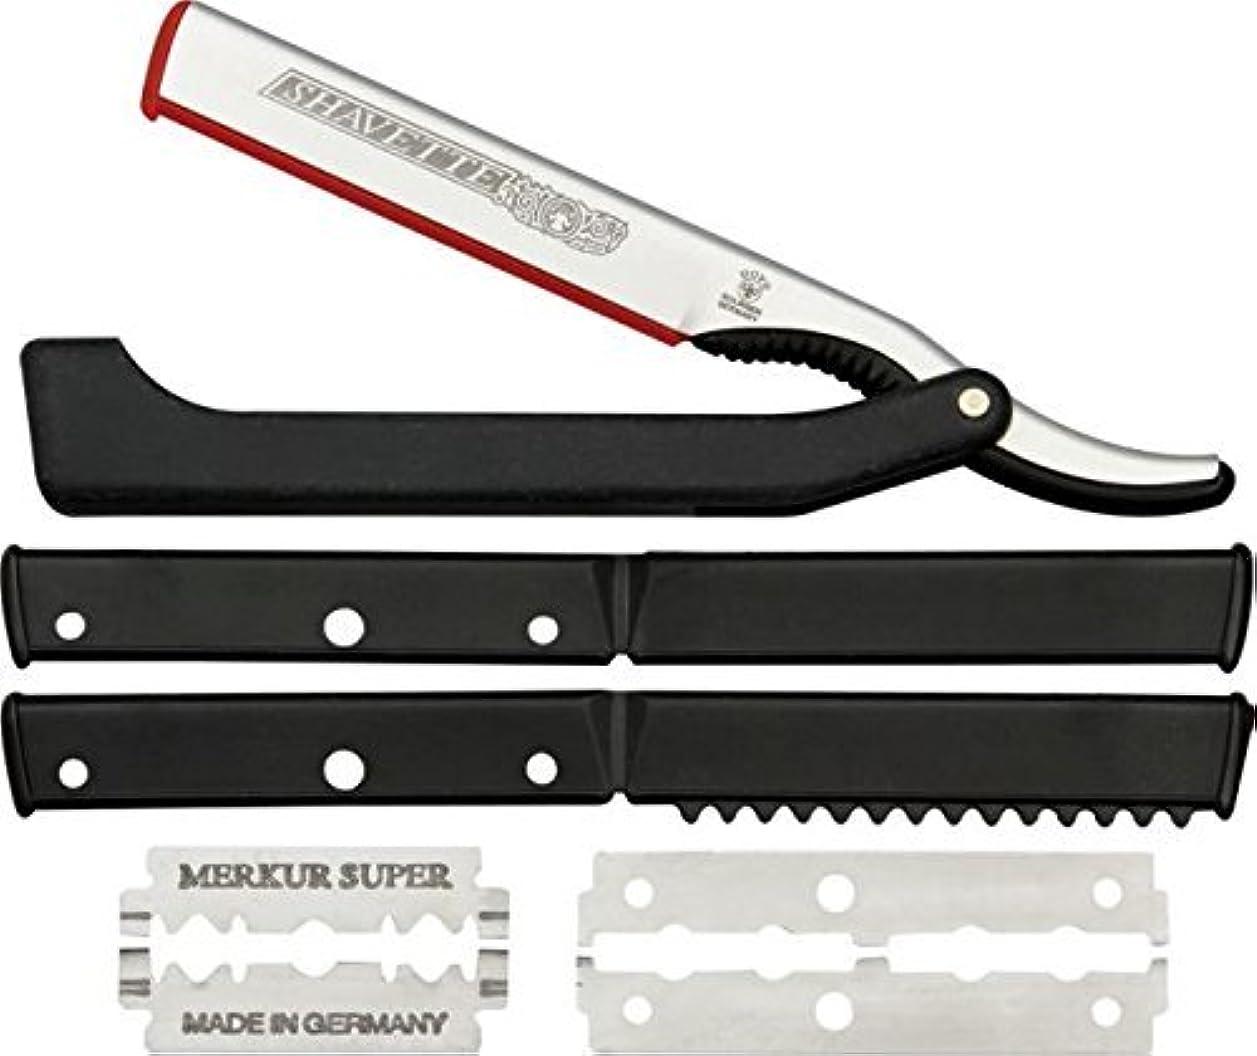 データム上院議員声を出してDOVO Solingen - Shavette, straight edge razor, changeable blade, 201081